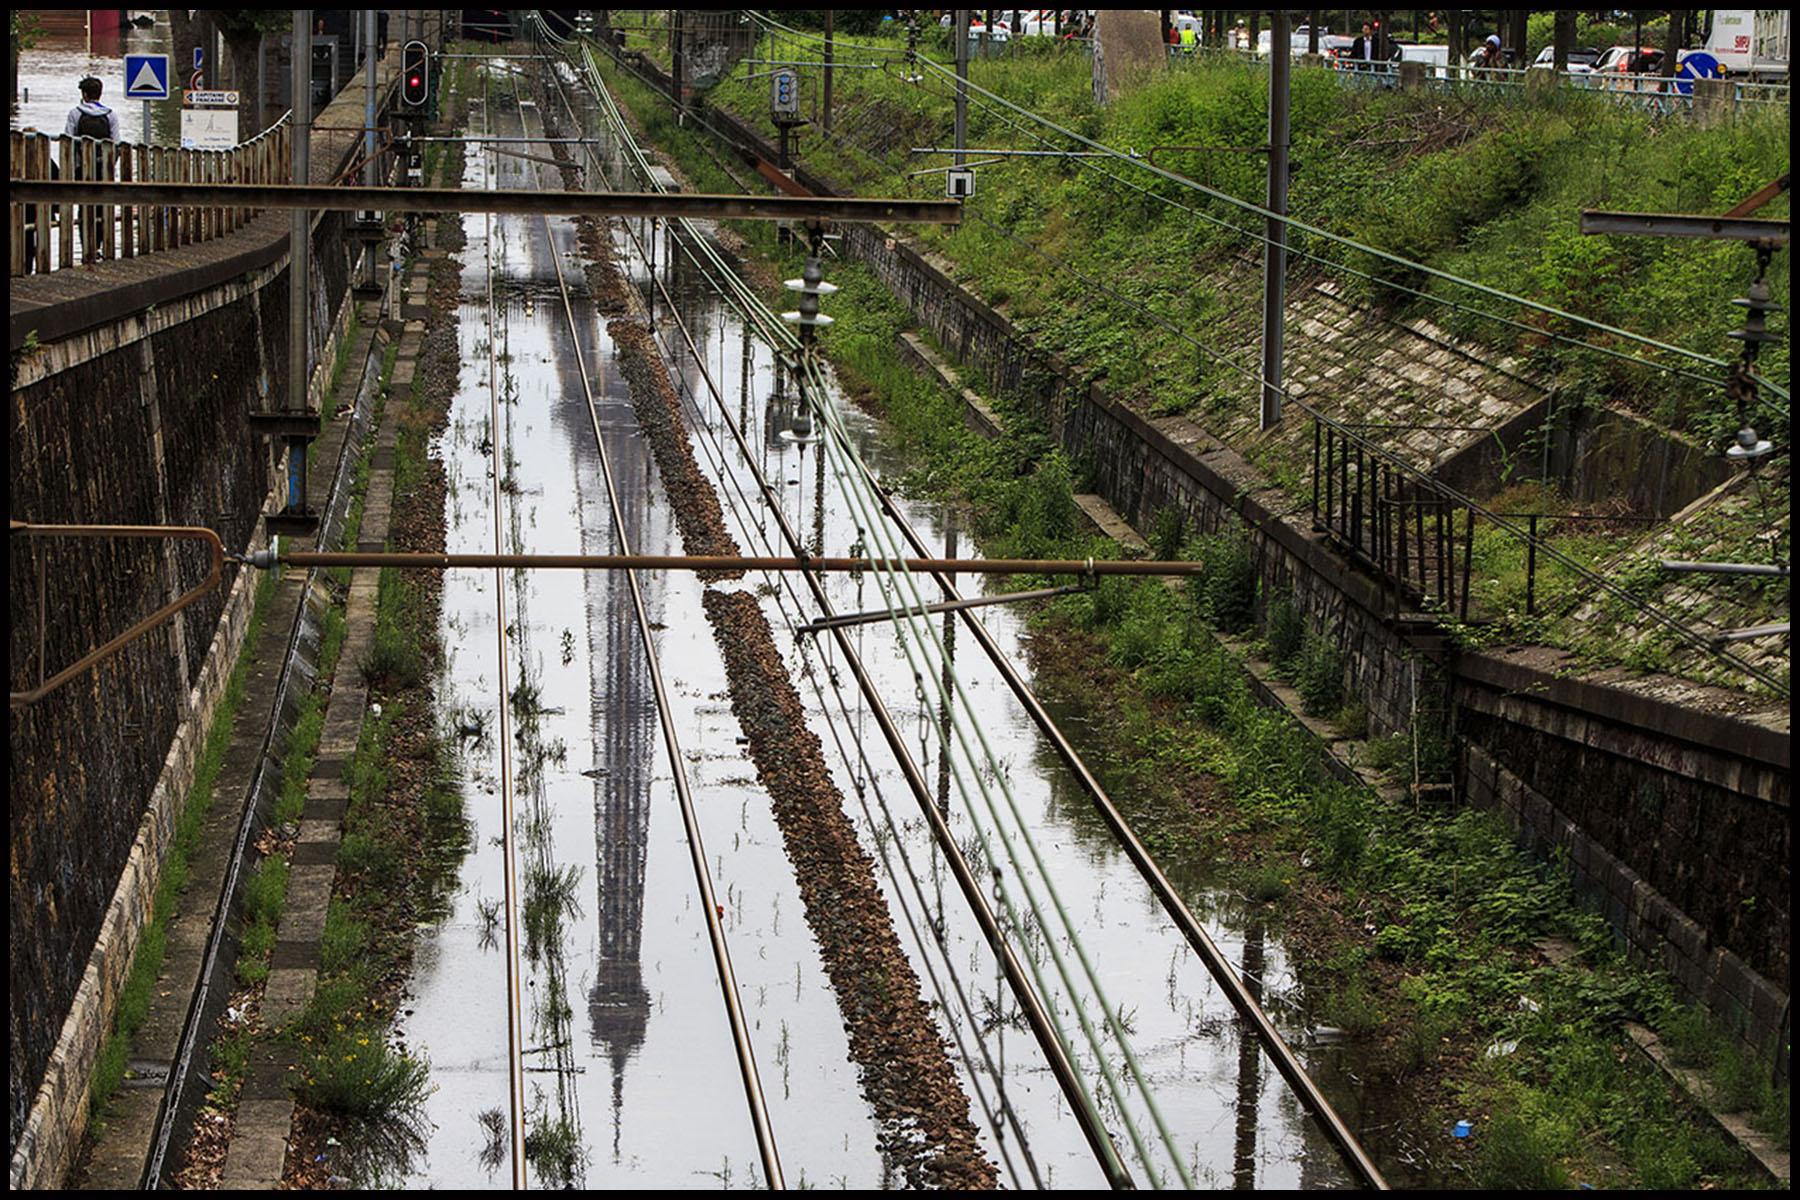 La crue exceptionnelle de la Seine à Paris stabilisée à 6,09 m provoque des inondation sur les berges